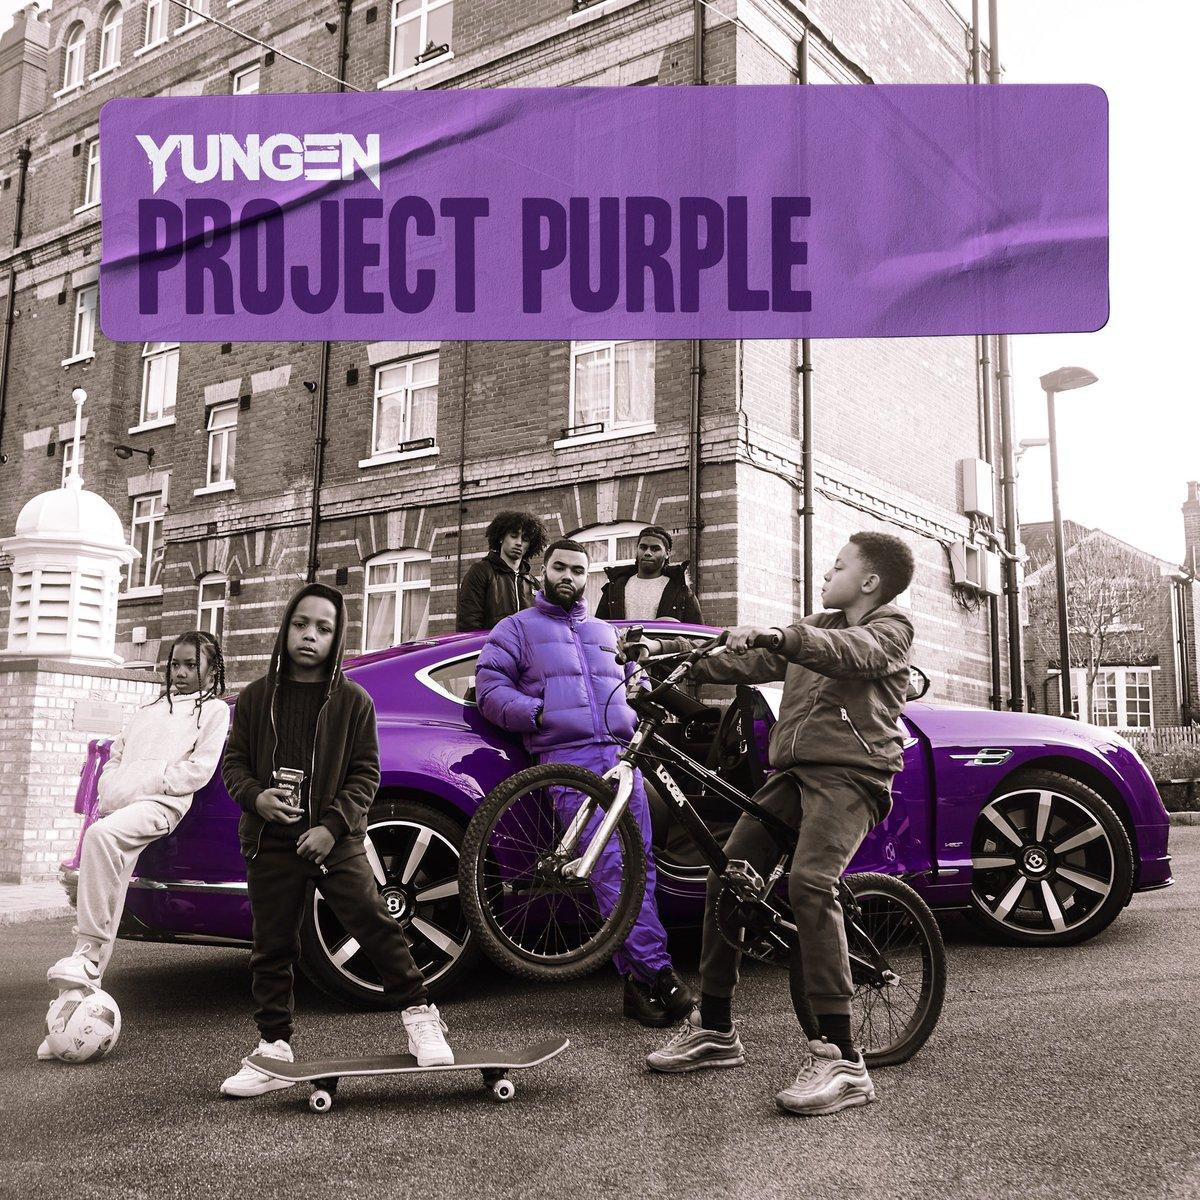 Yungen 'Project Purple'